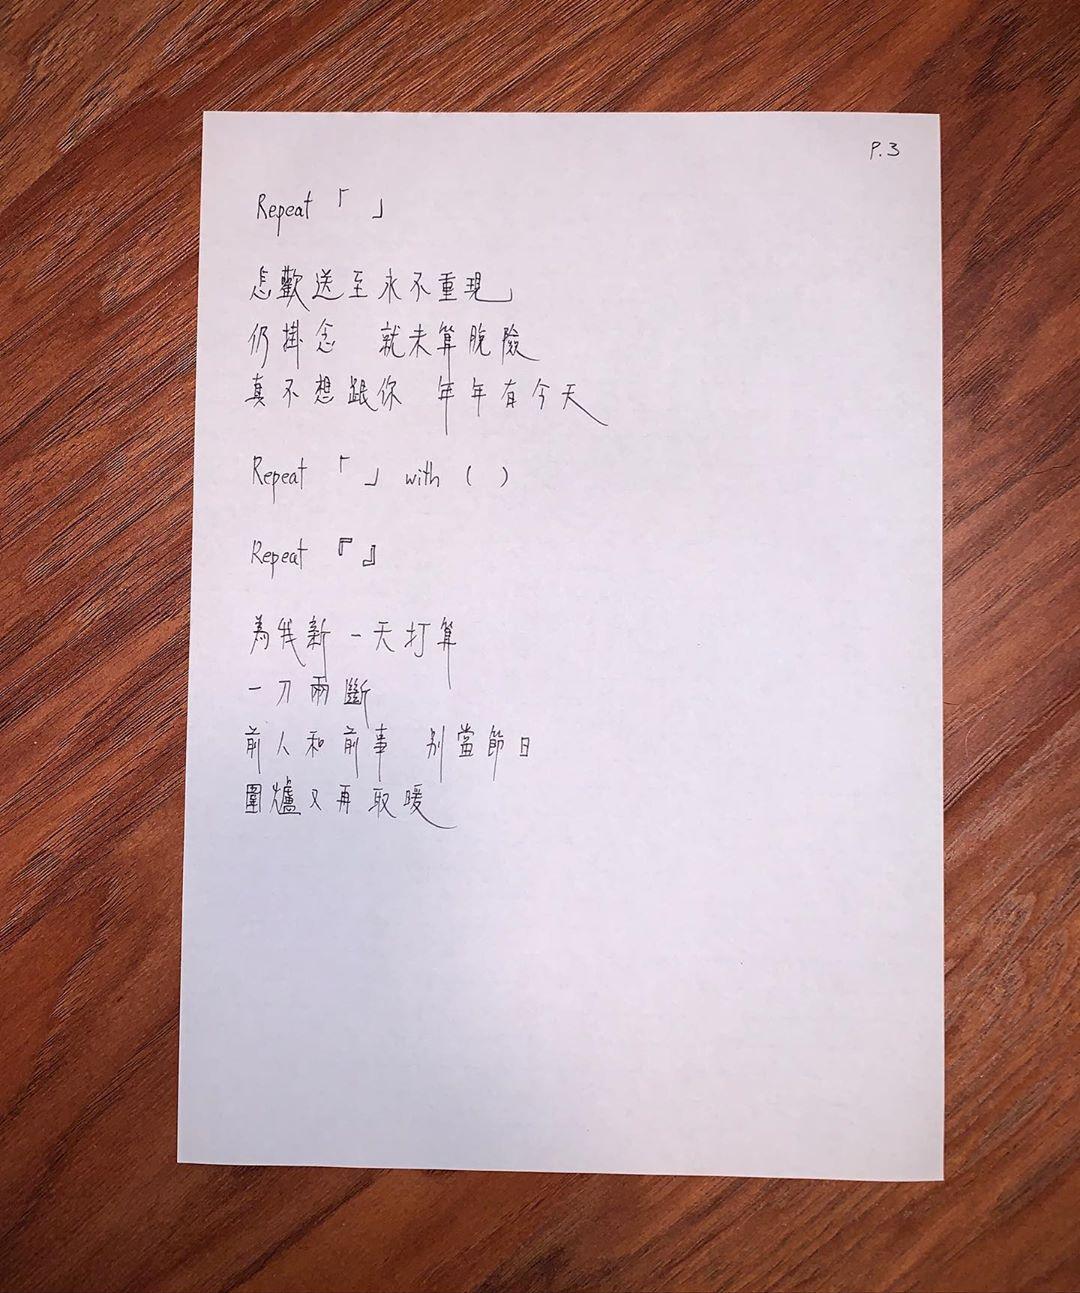 【片】黃偉文公開罕有「被彈鐘」歌詞初稿 引來原唱鄭秀文開金口!